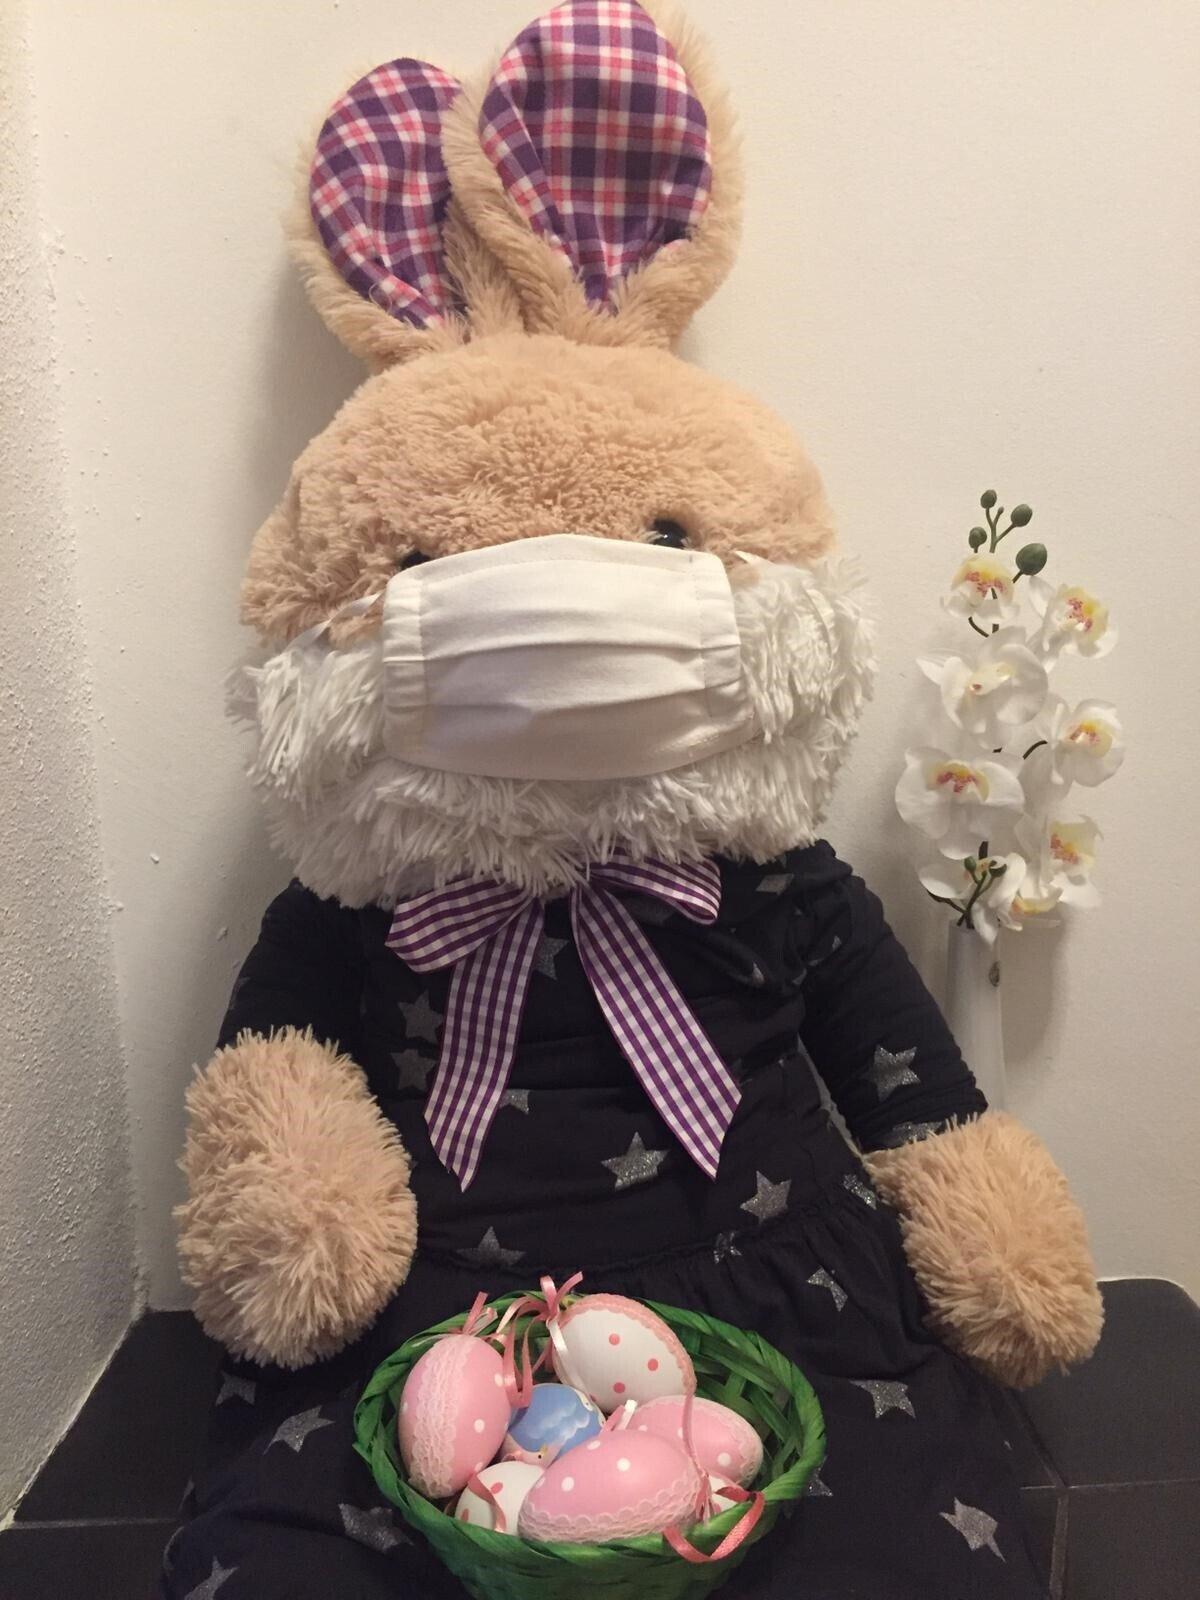 Bild zeigt Hase mit Mundschutz